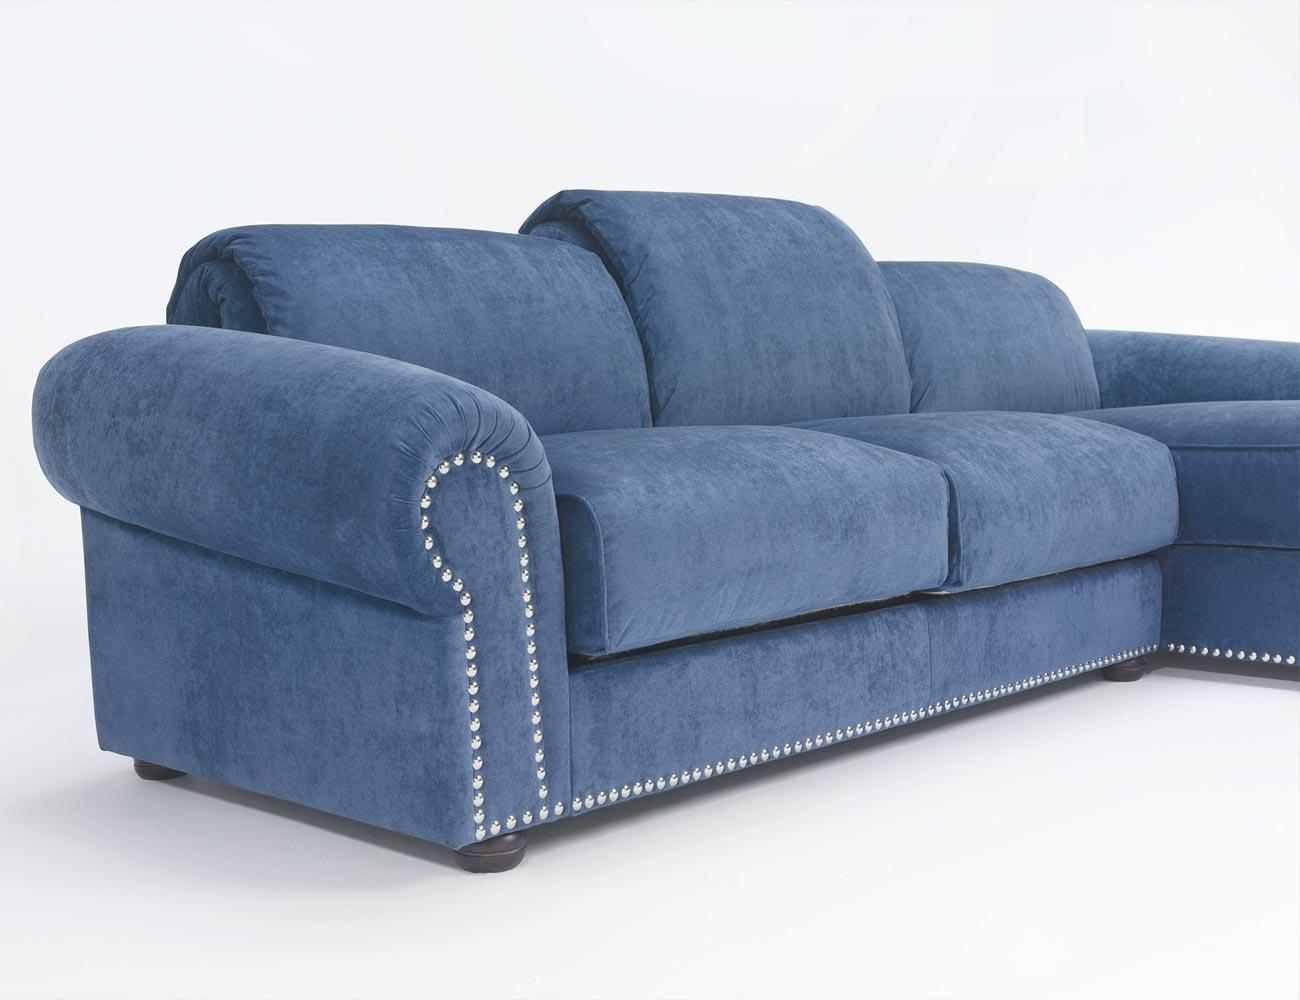 Sofa chaiselongue gran lujo decorativo azul 133